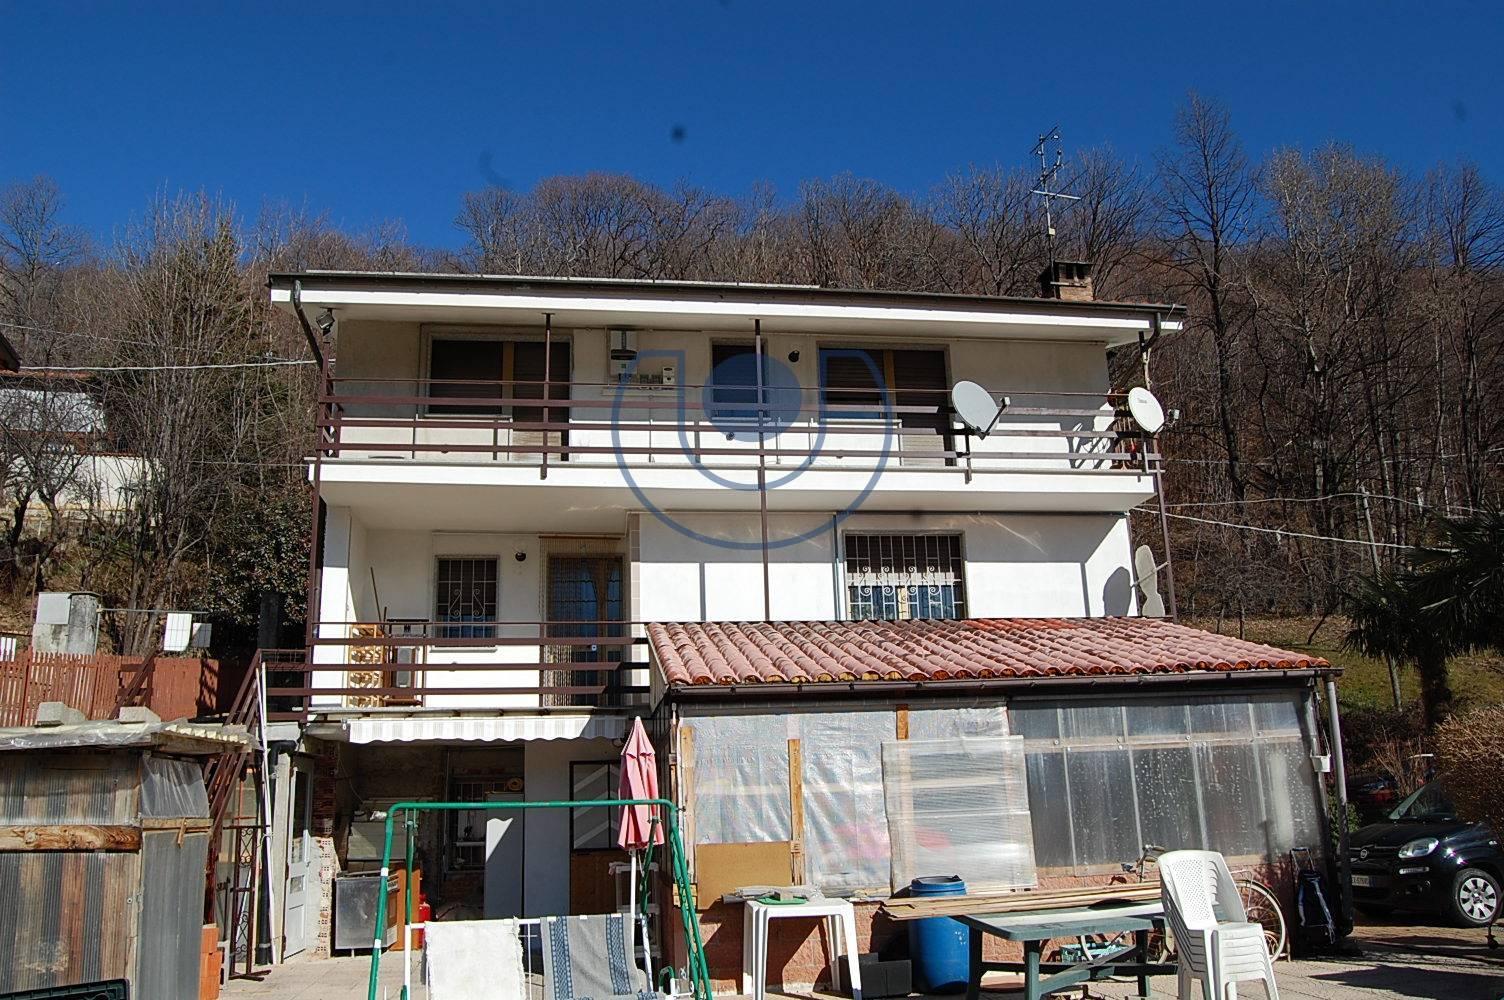 Soluzione Indipendente in vendita a Giaveno, 7 locali, zona Località: BorgataMaddalena, prezzo € 98.000 | PortaleAgenzieImmobiliari.it